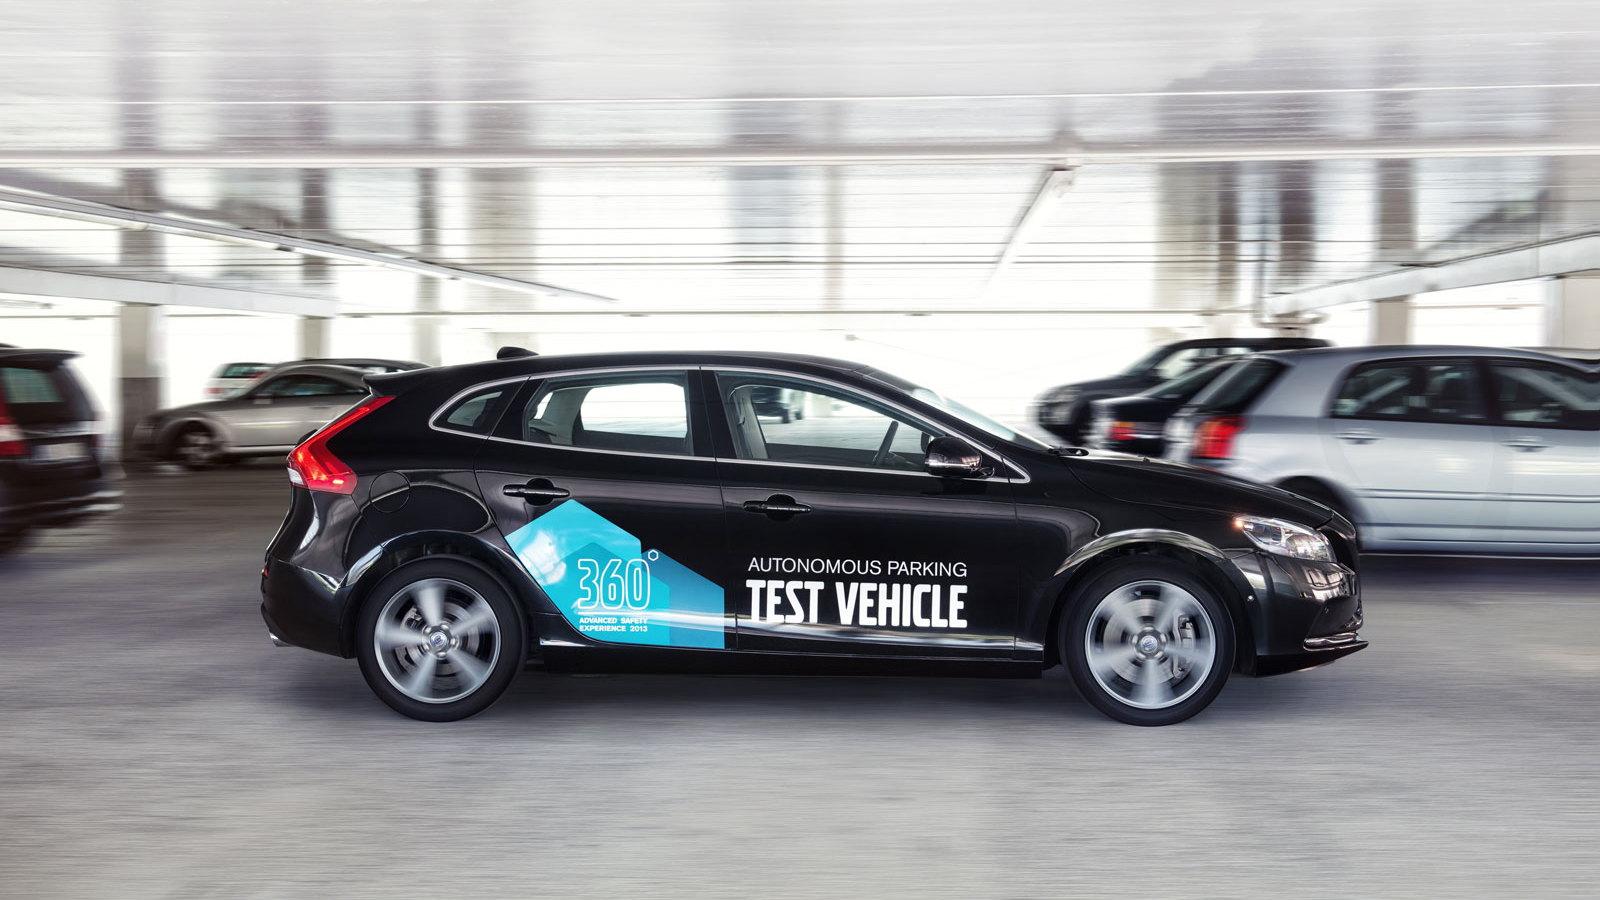 Volvo Autonomous Parking